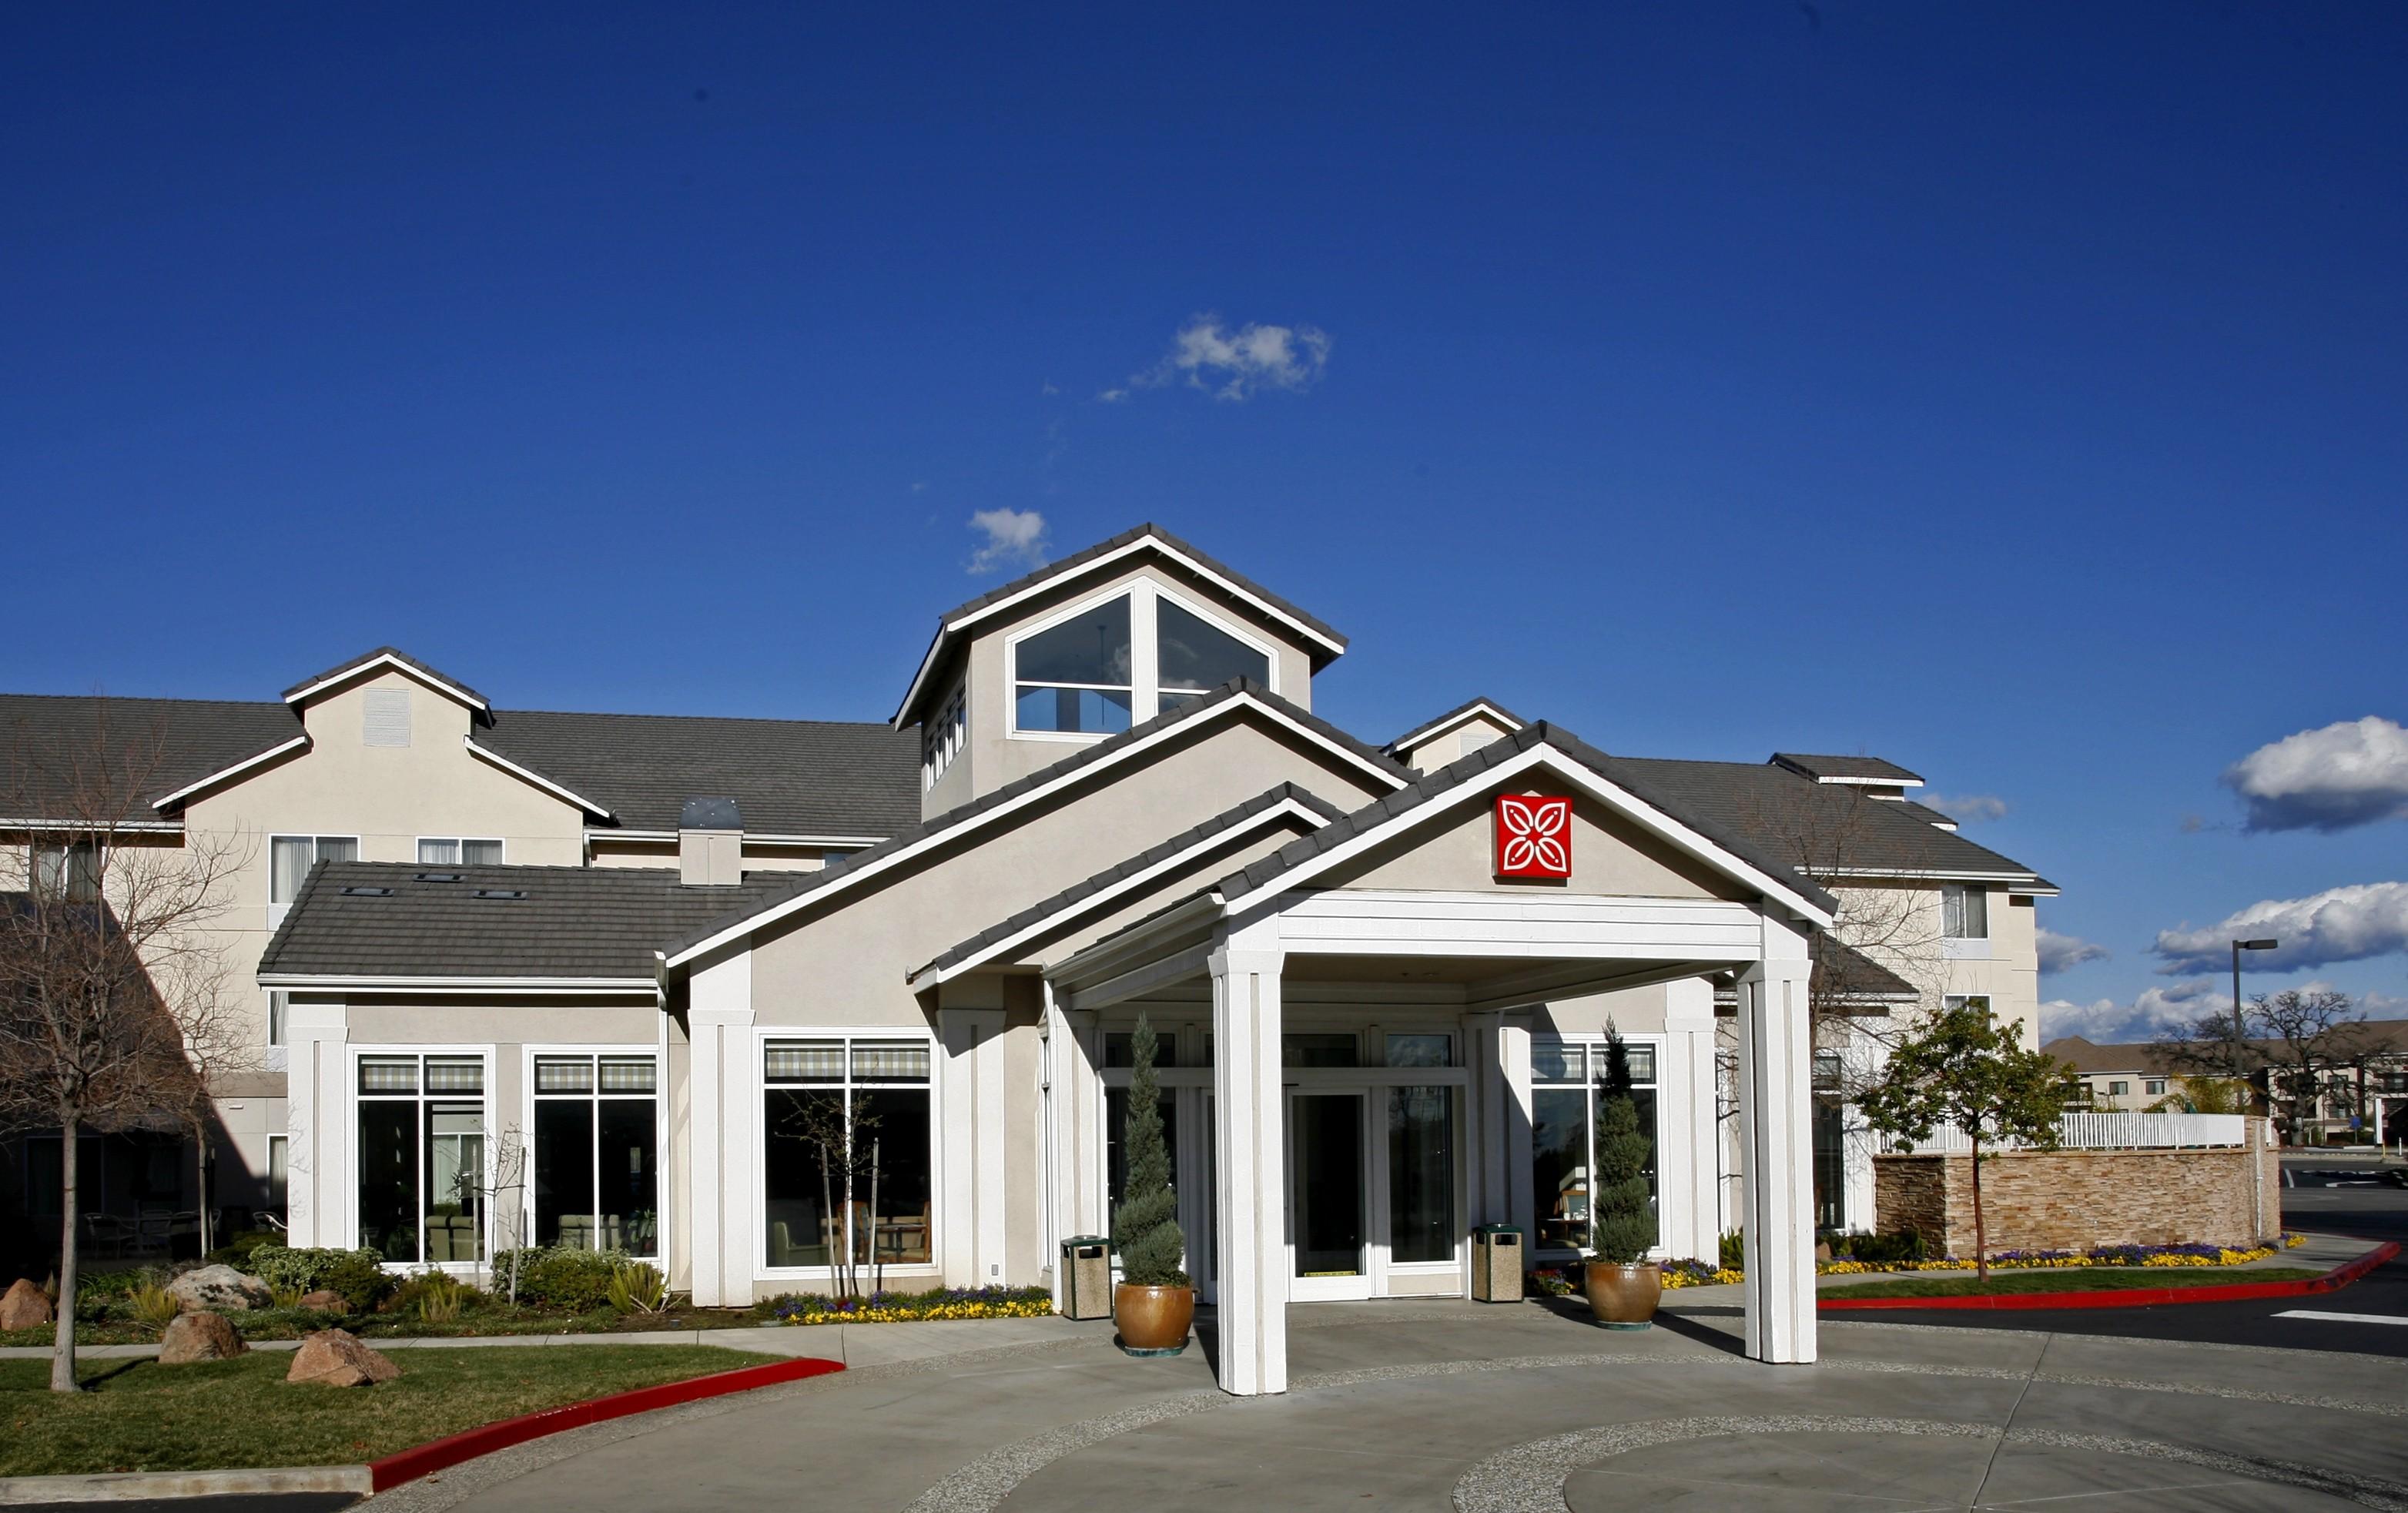 Hilton Garden Inn Roseville Roseville Ca Business Directory